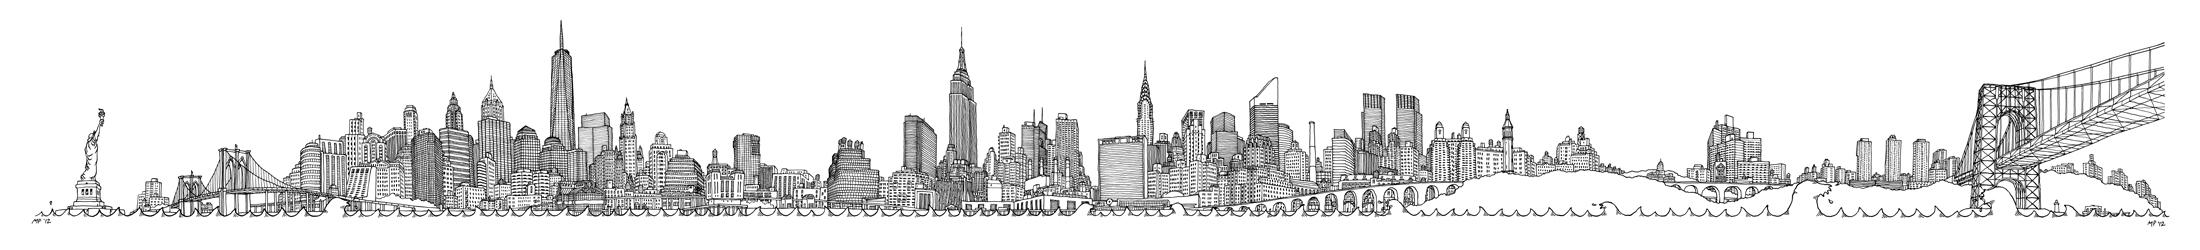 Drawn skyline #8